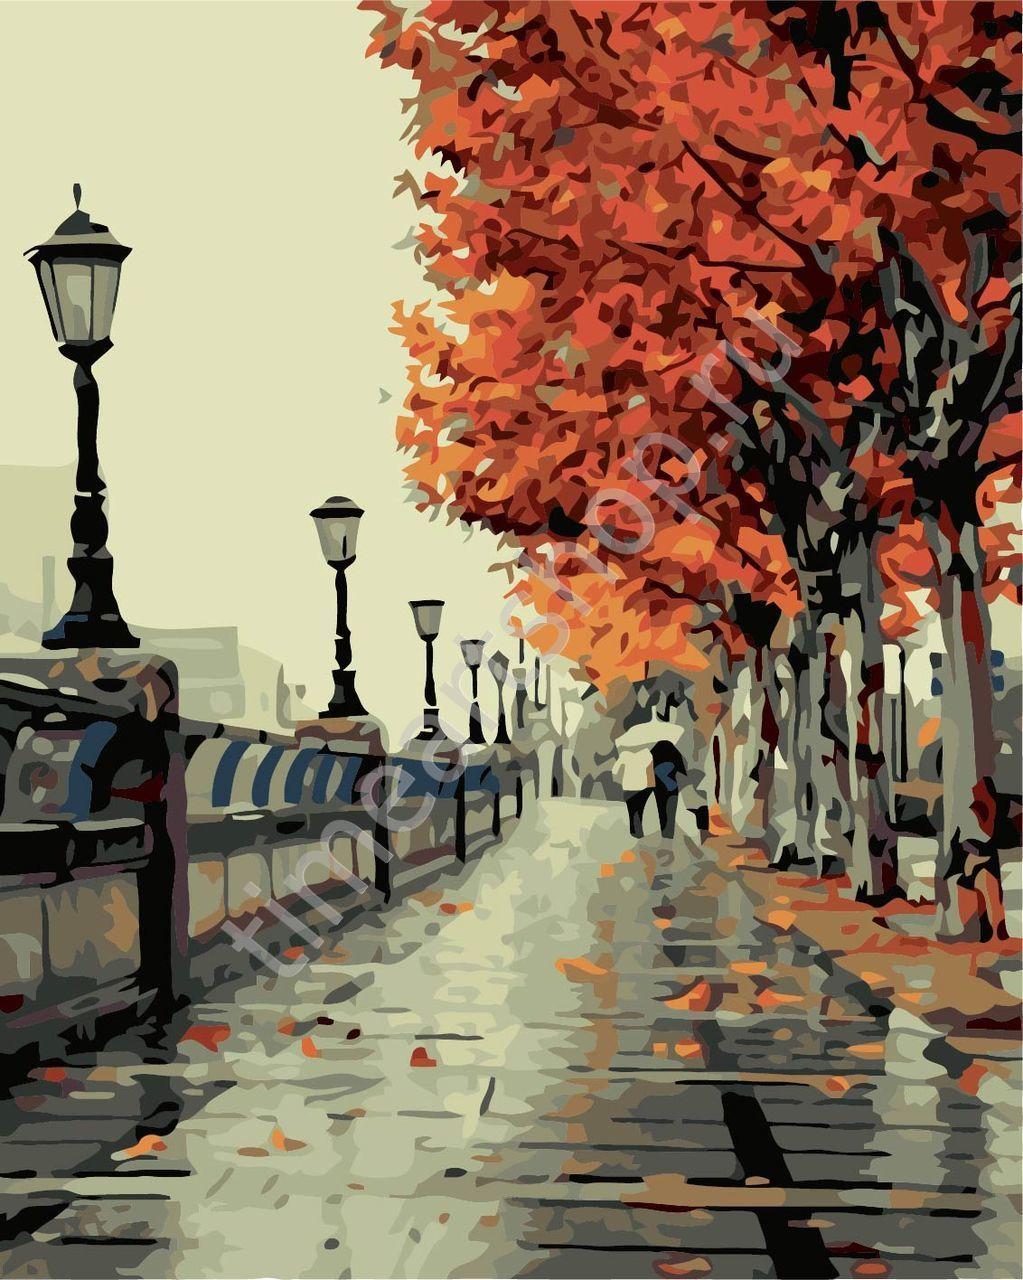 Осенняя аллея с фонарями, картины раскраски по №, 40х50см ...